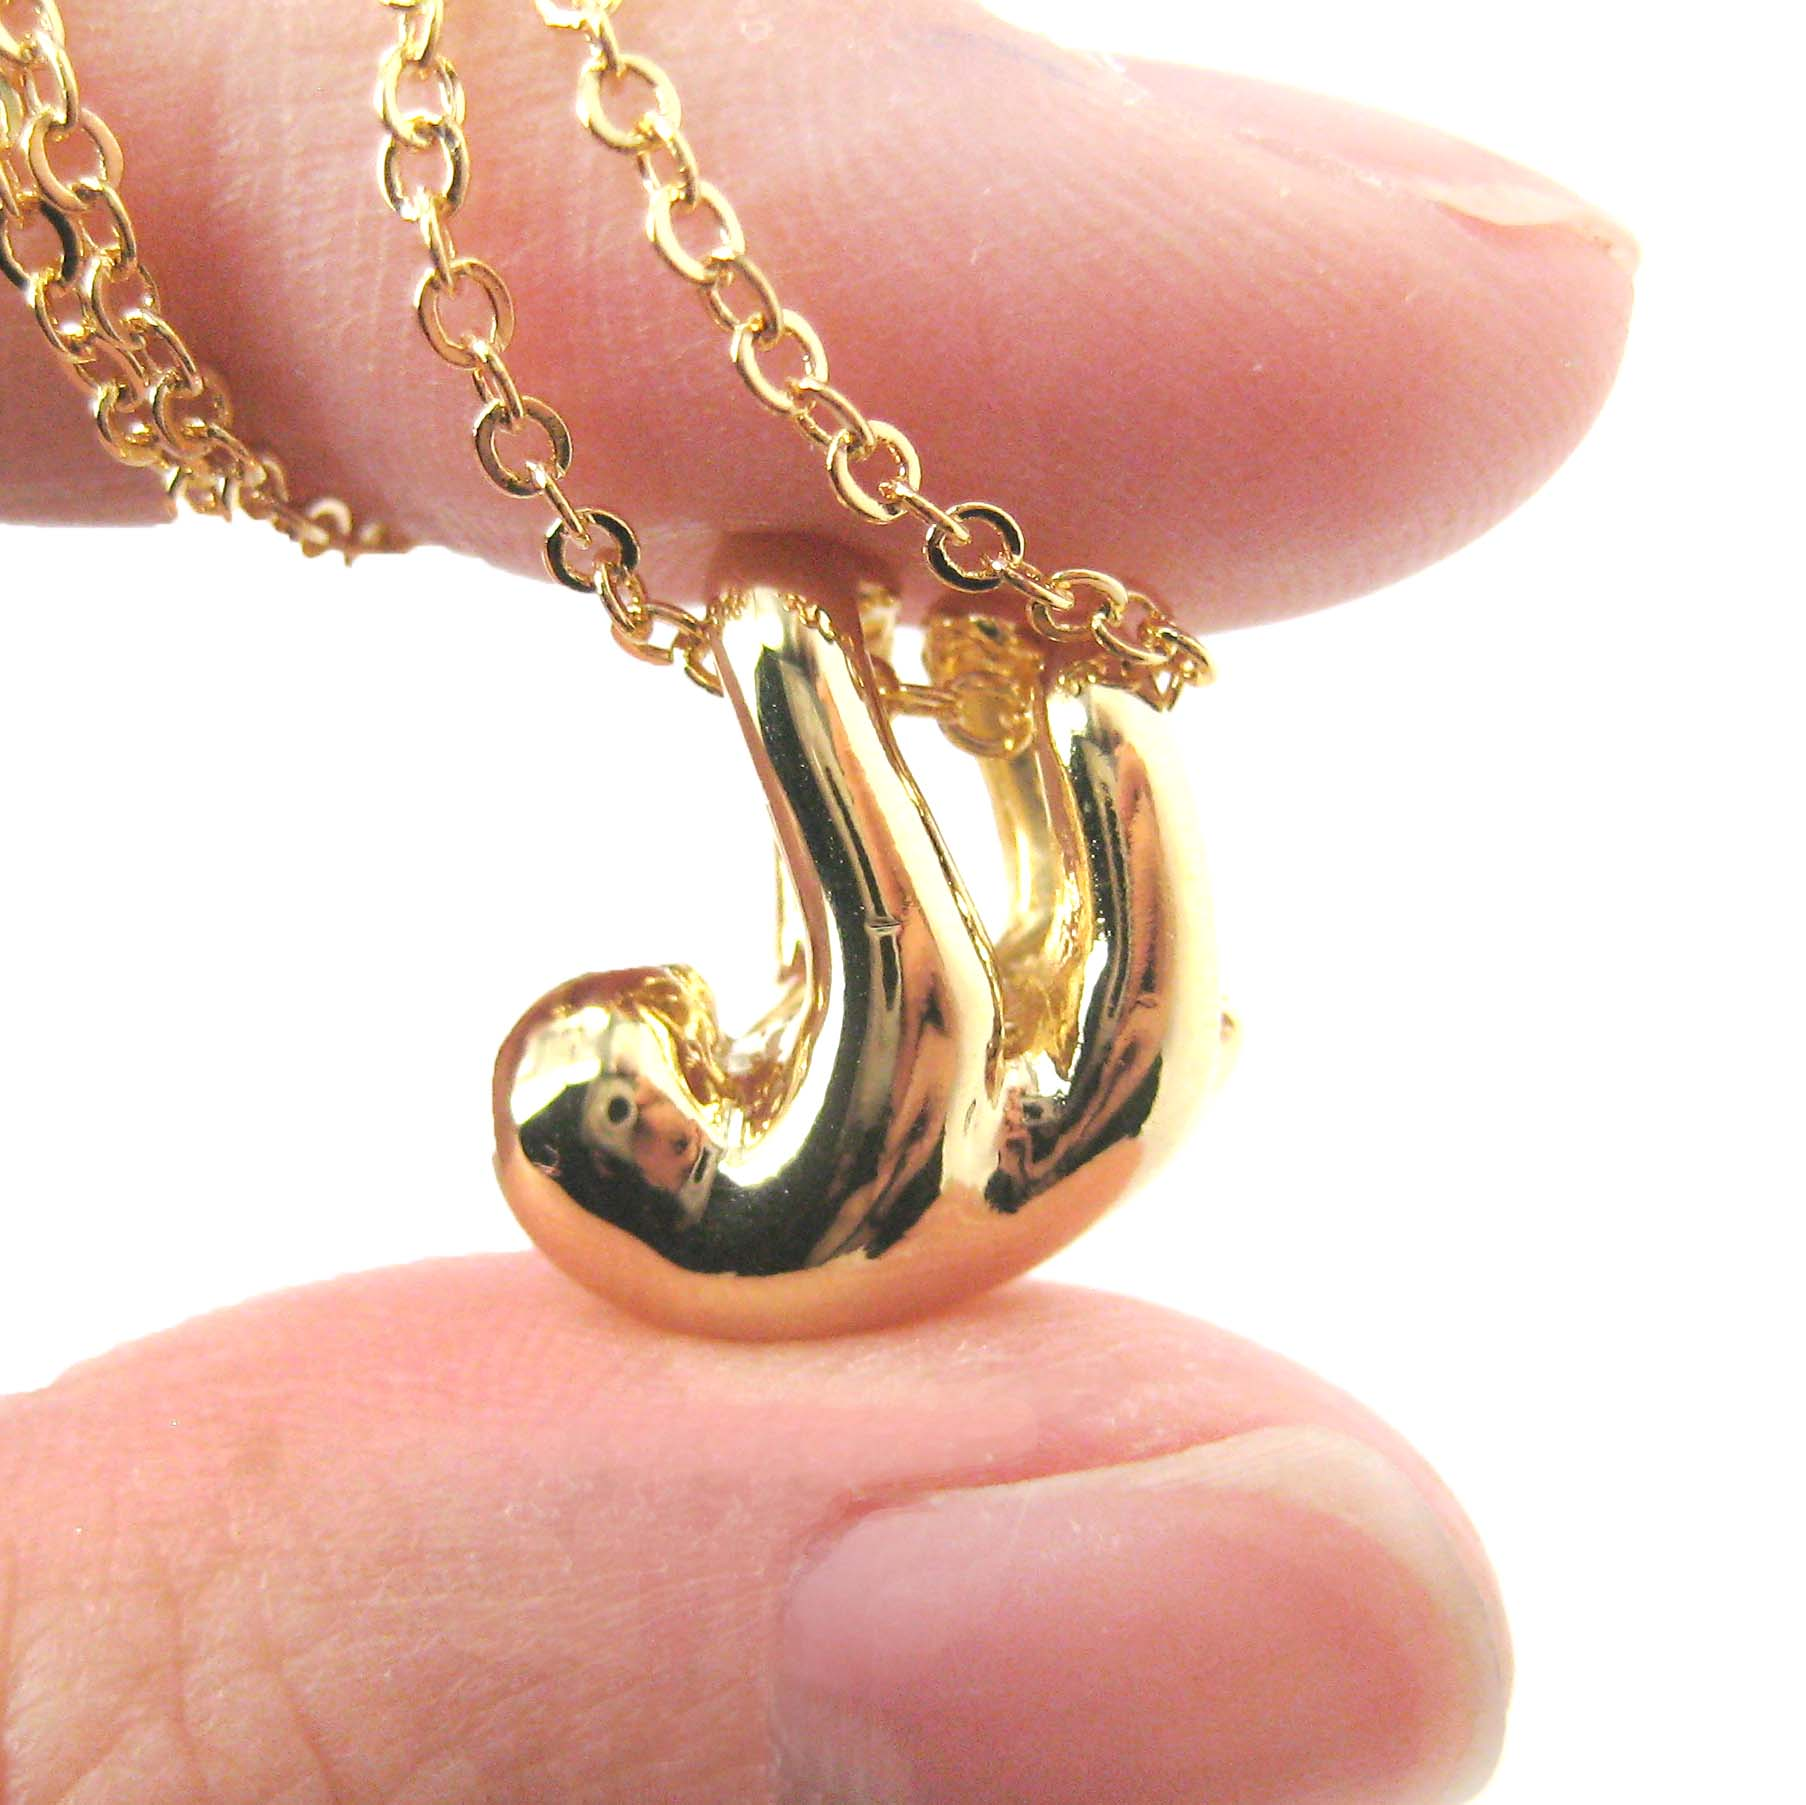 Sloth Shaped Sleek Animal Pendant Necklace In Shiny Gold